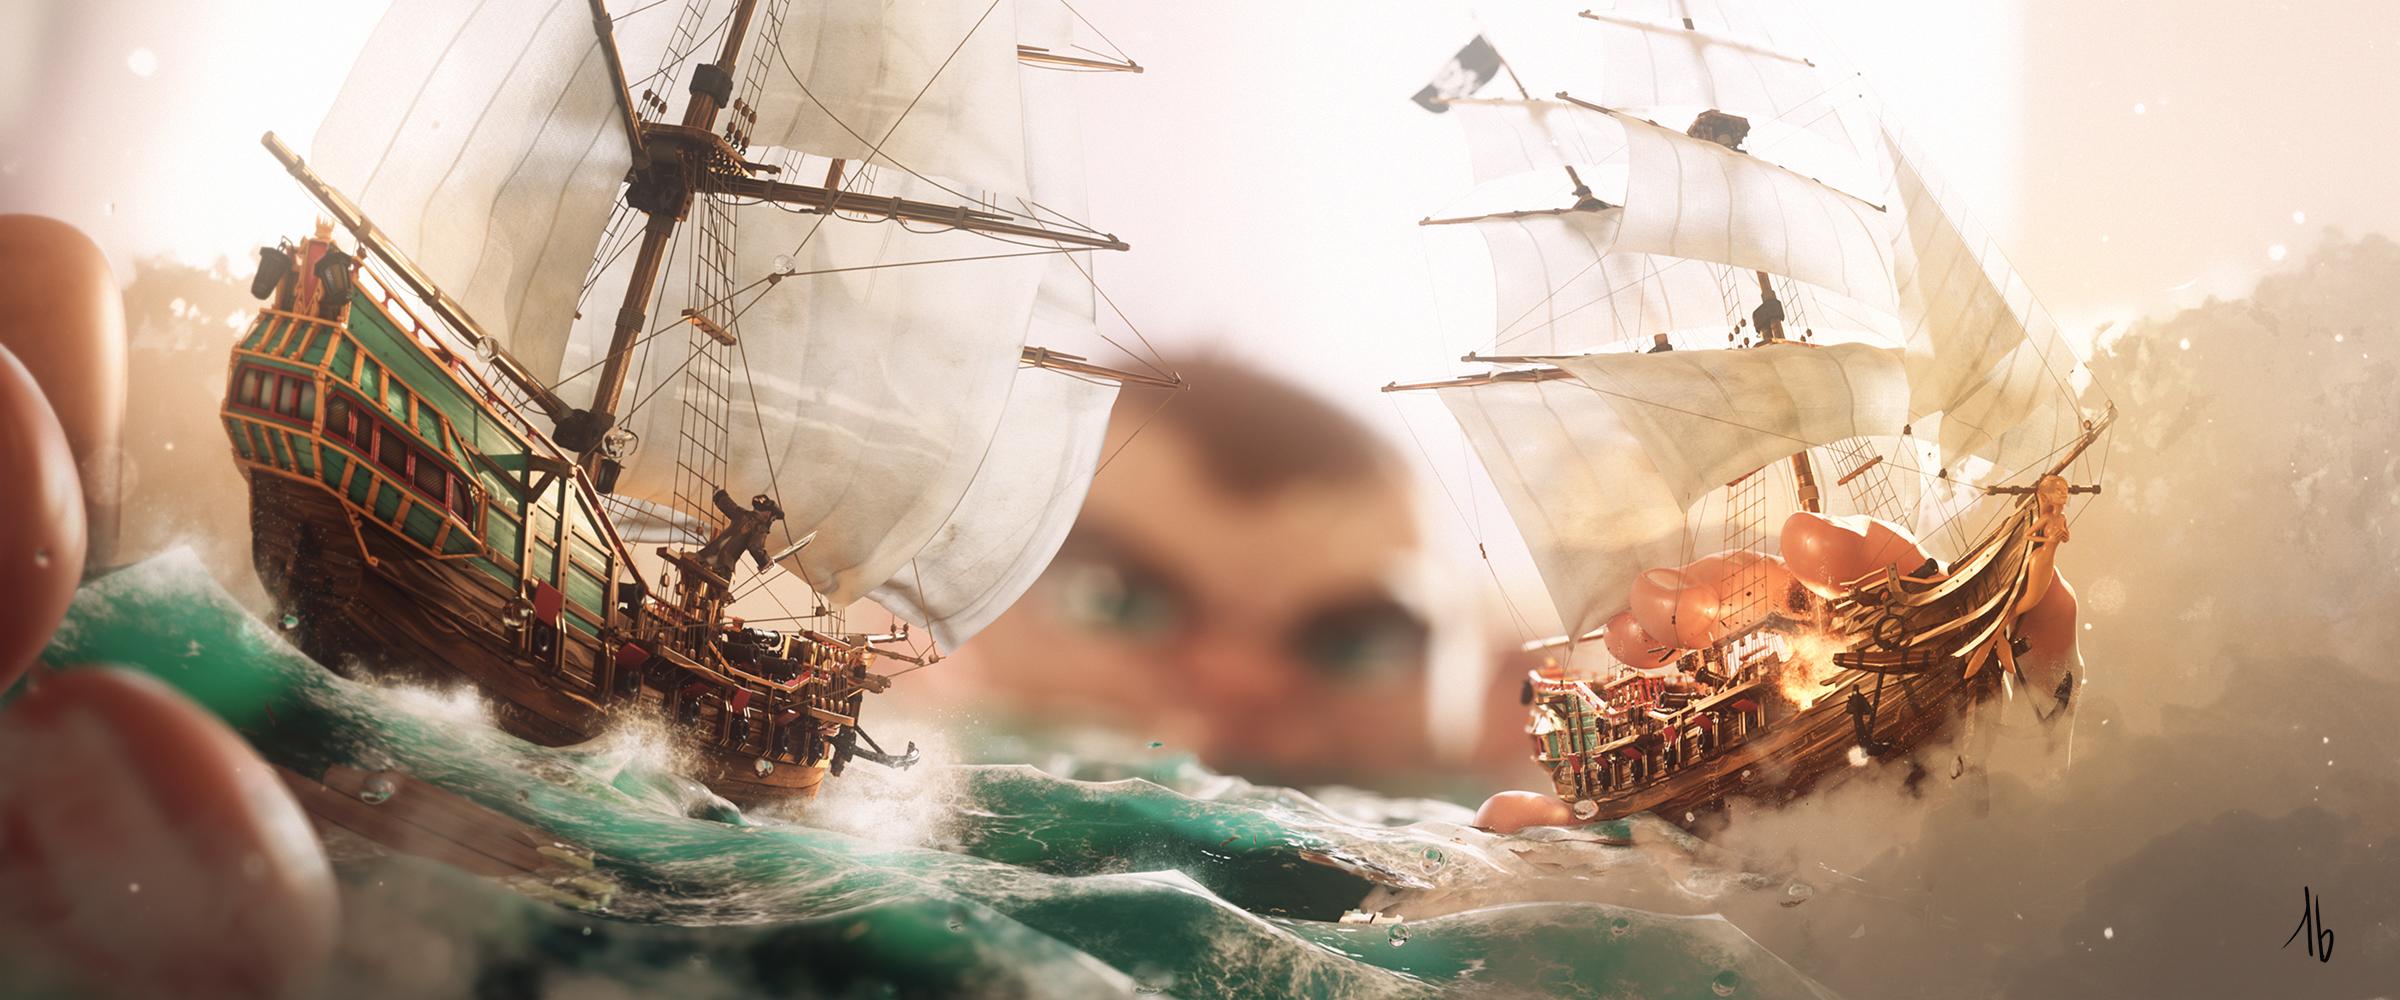 Release the Kraken by Koen Koopman